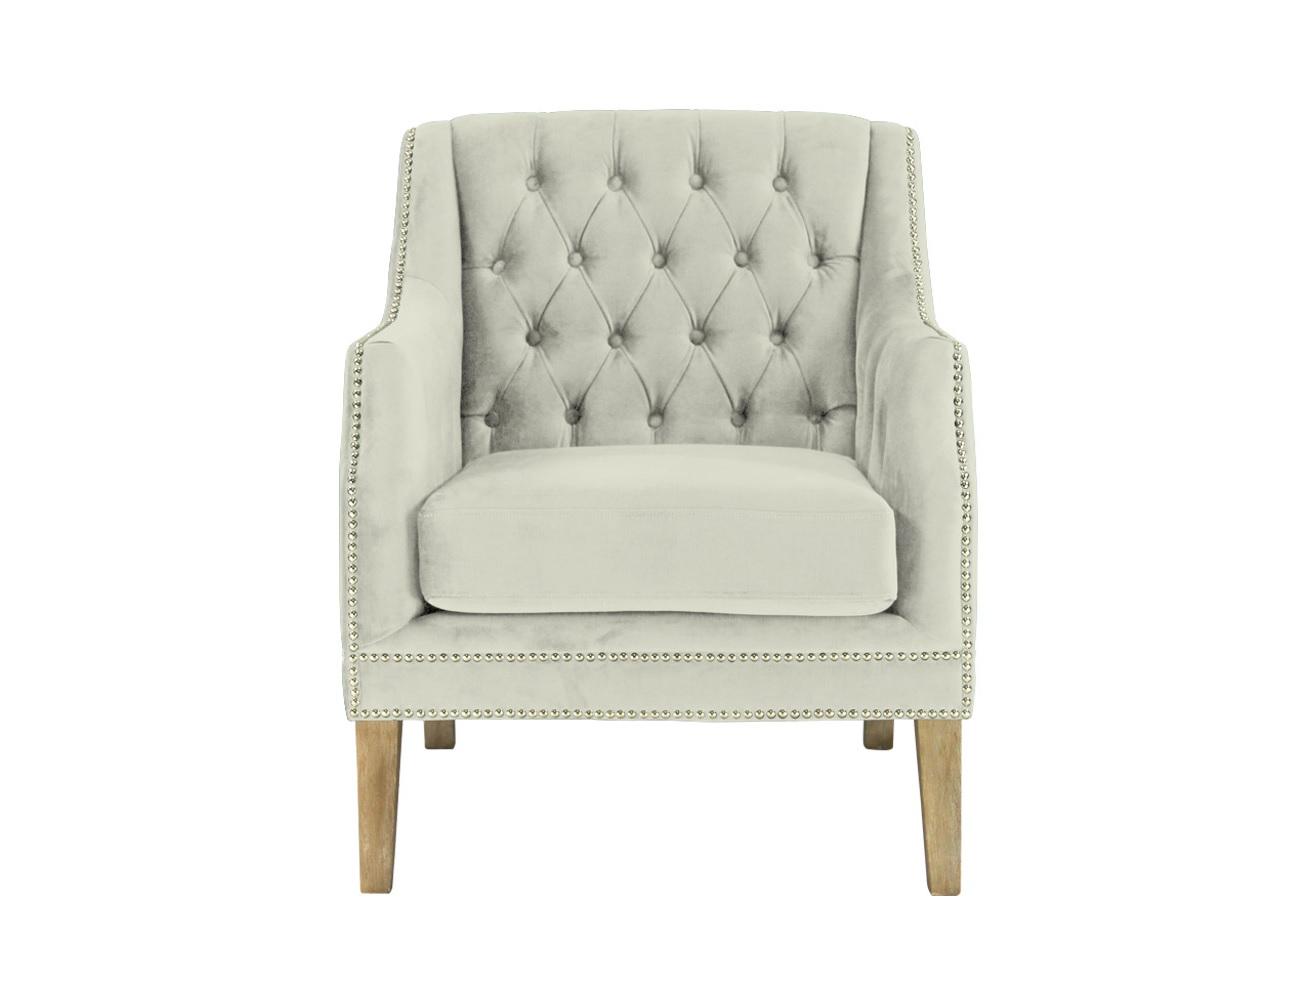 Кресло Carmela ArmchairИнтерьерные кресла<br><br><br>Material: Текстиль<br>Ширина см: 71<br>Высота см: 87<br>Глубина см: 81